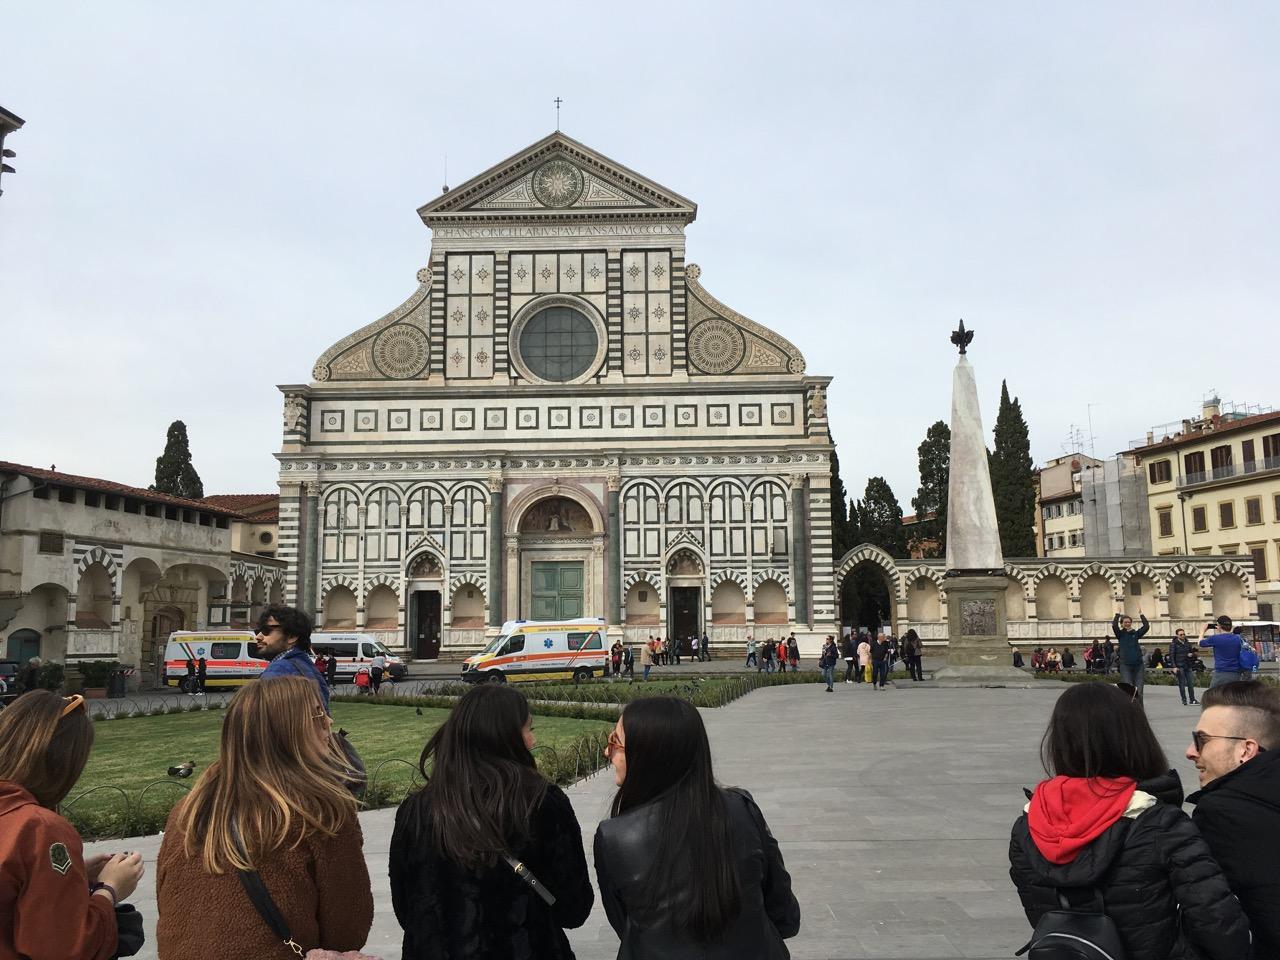 位于火车站旁的新圣母玛利亚大教堂(Basilica of Santa Maria Novella),火车站名因此叫做S.M.Novella